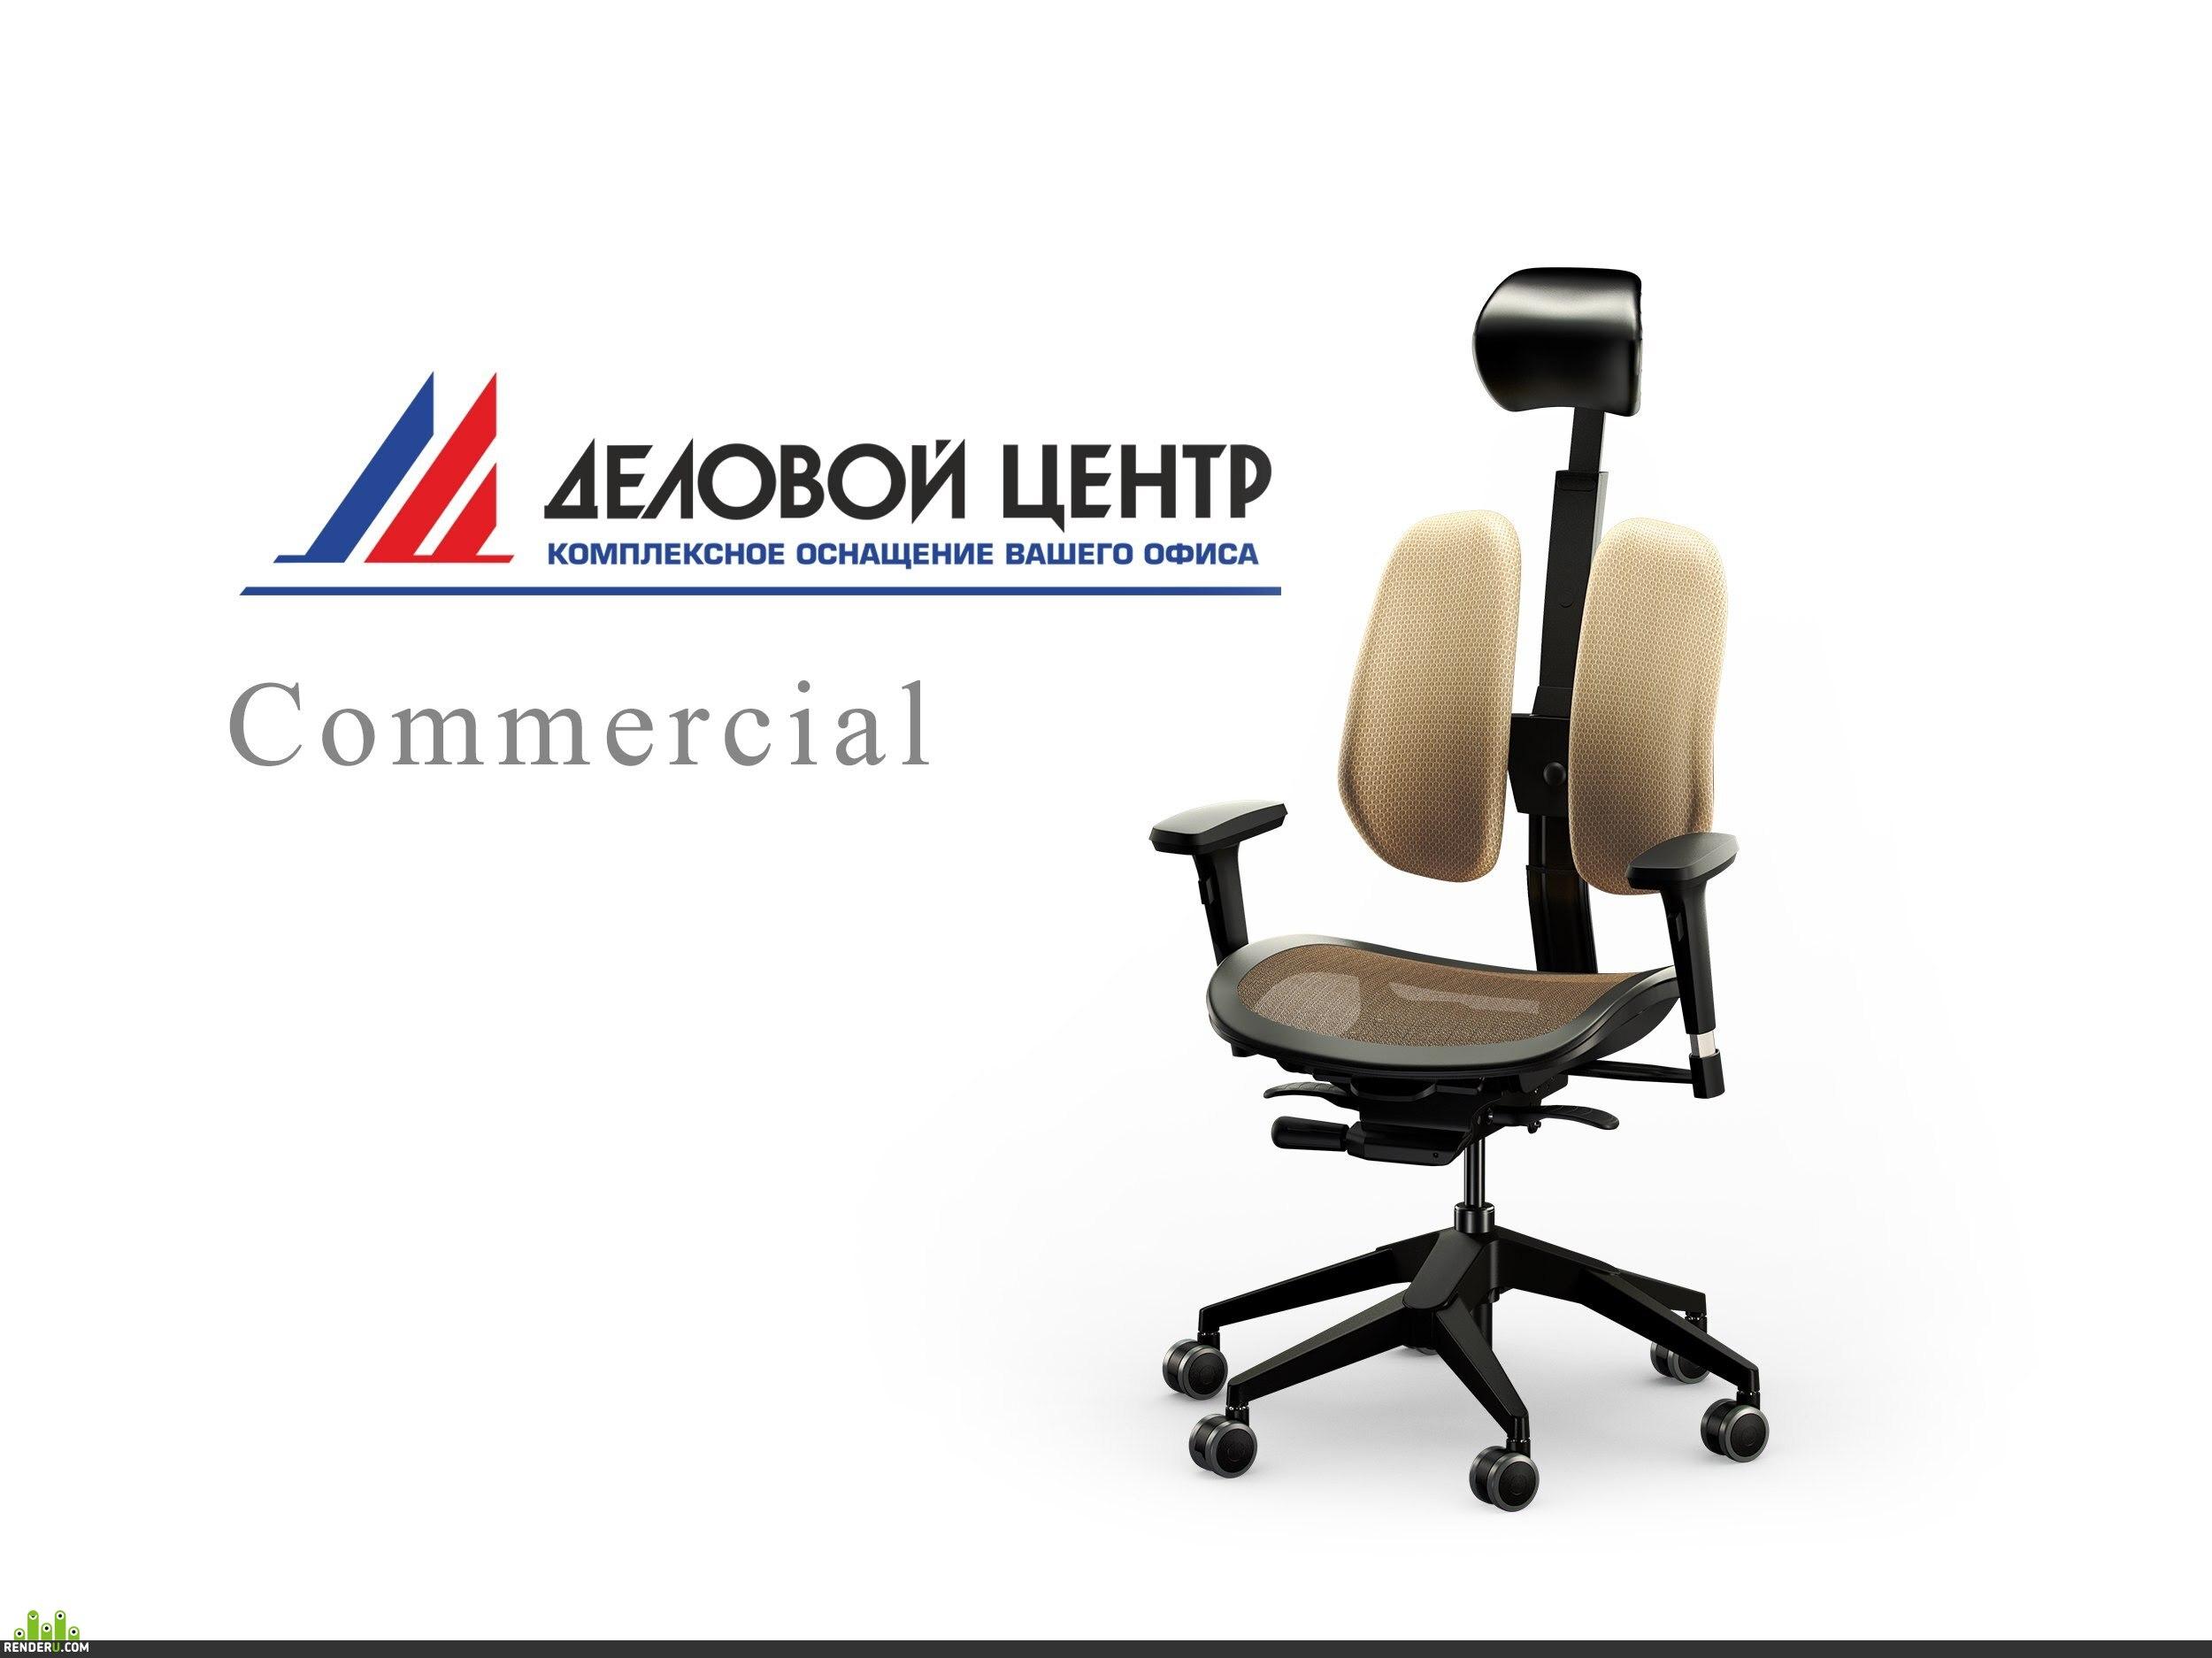 preview деловой центр - офисное кресло